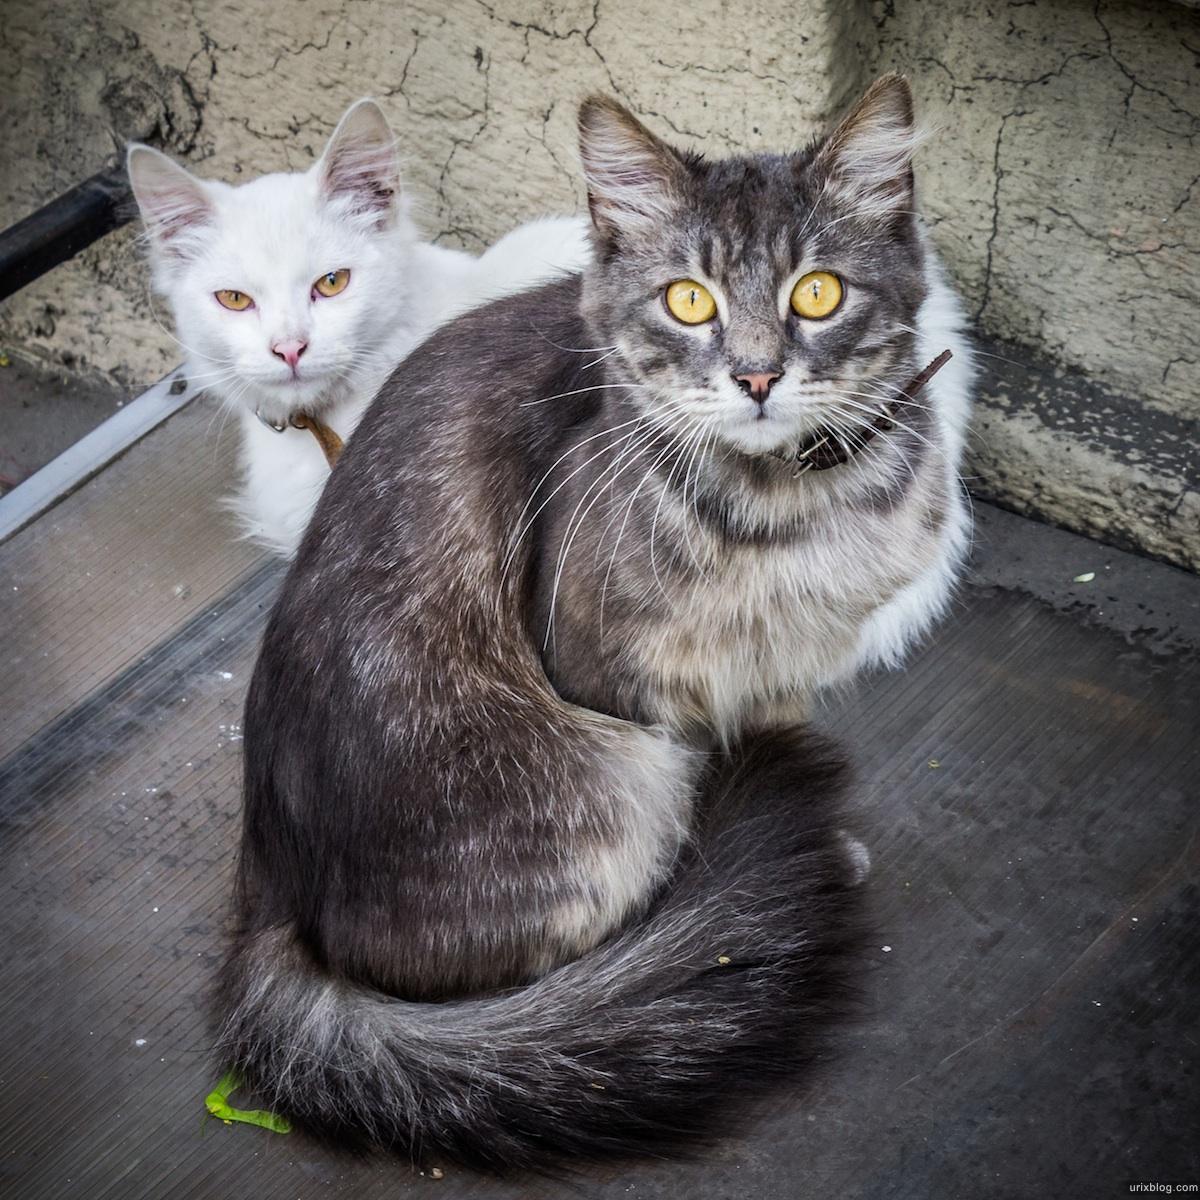 2013, Одесса, Украина, котики, кошки, коты, ошейник